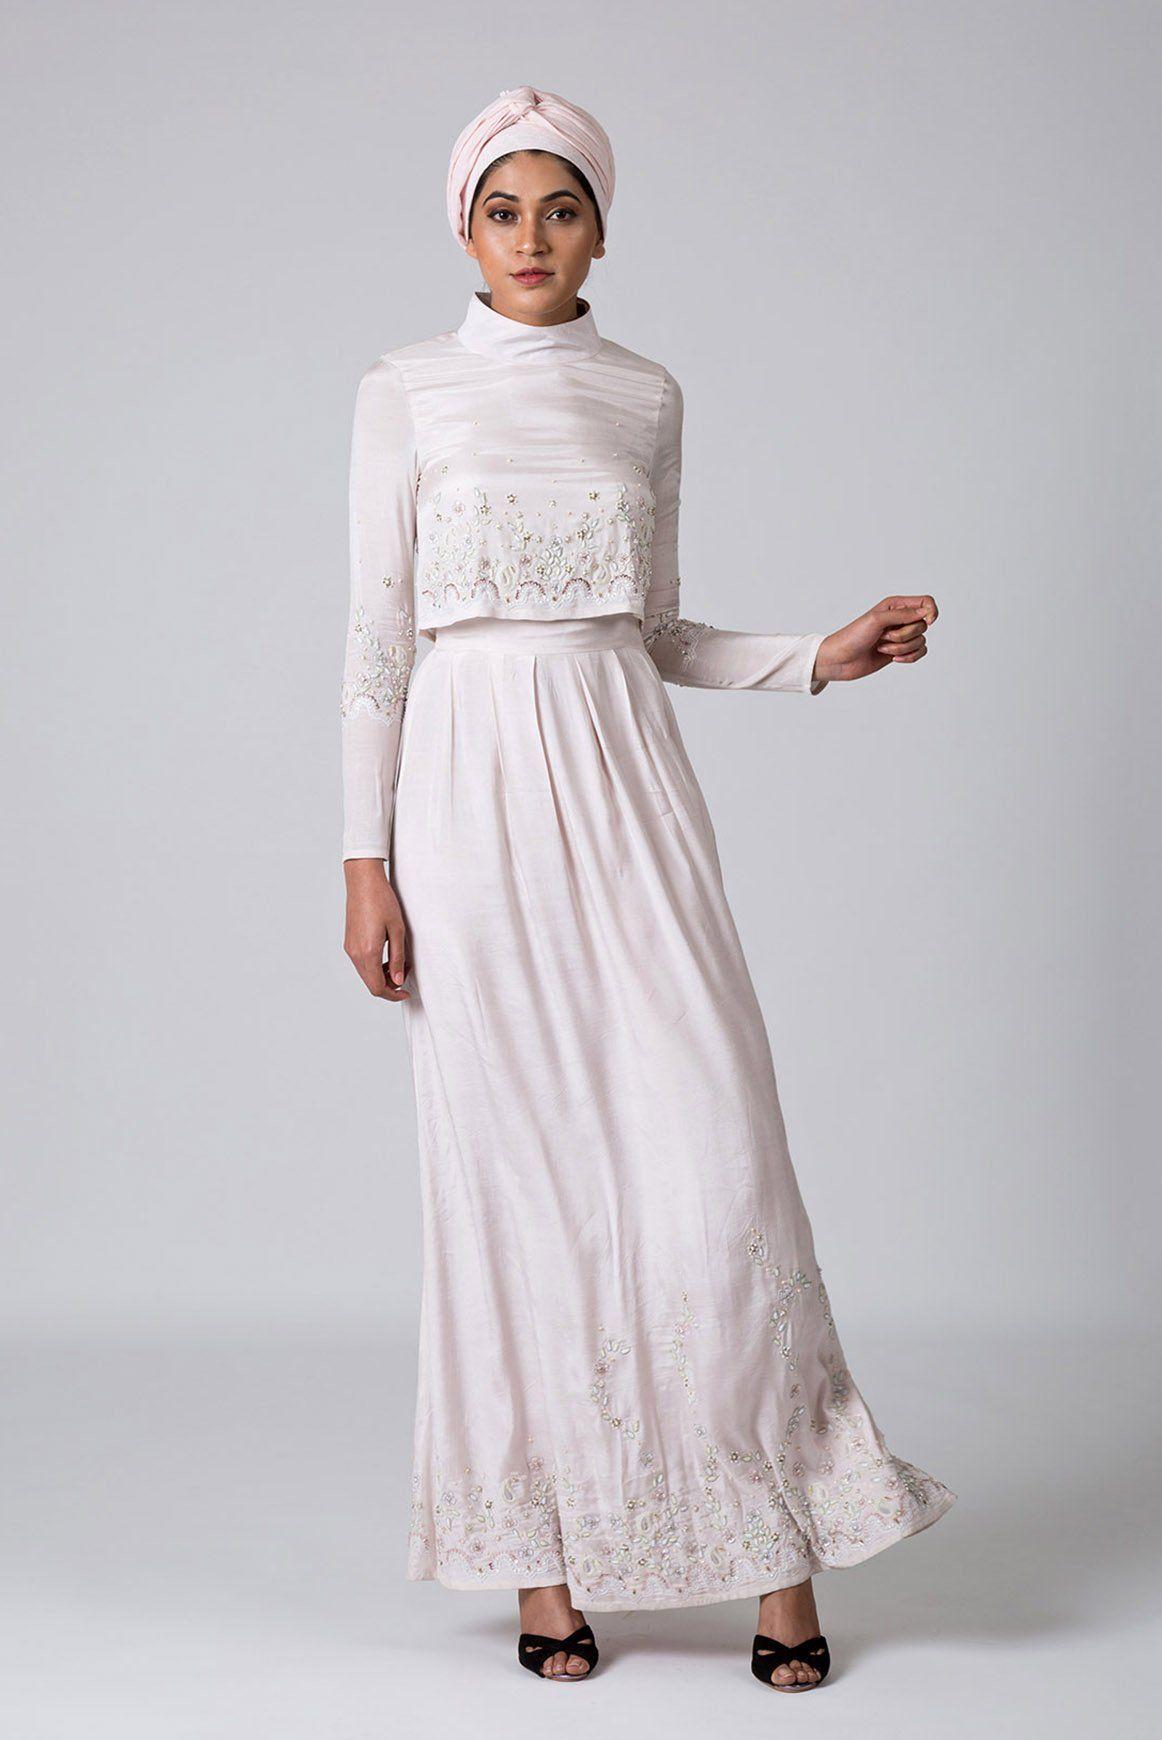 008155382ed045 Borduurwerk Designs voor jurken Nederland